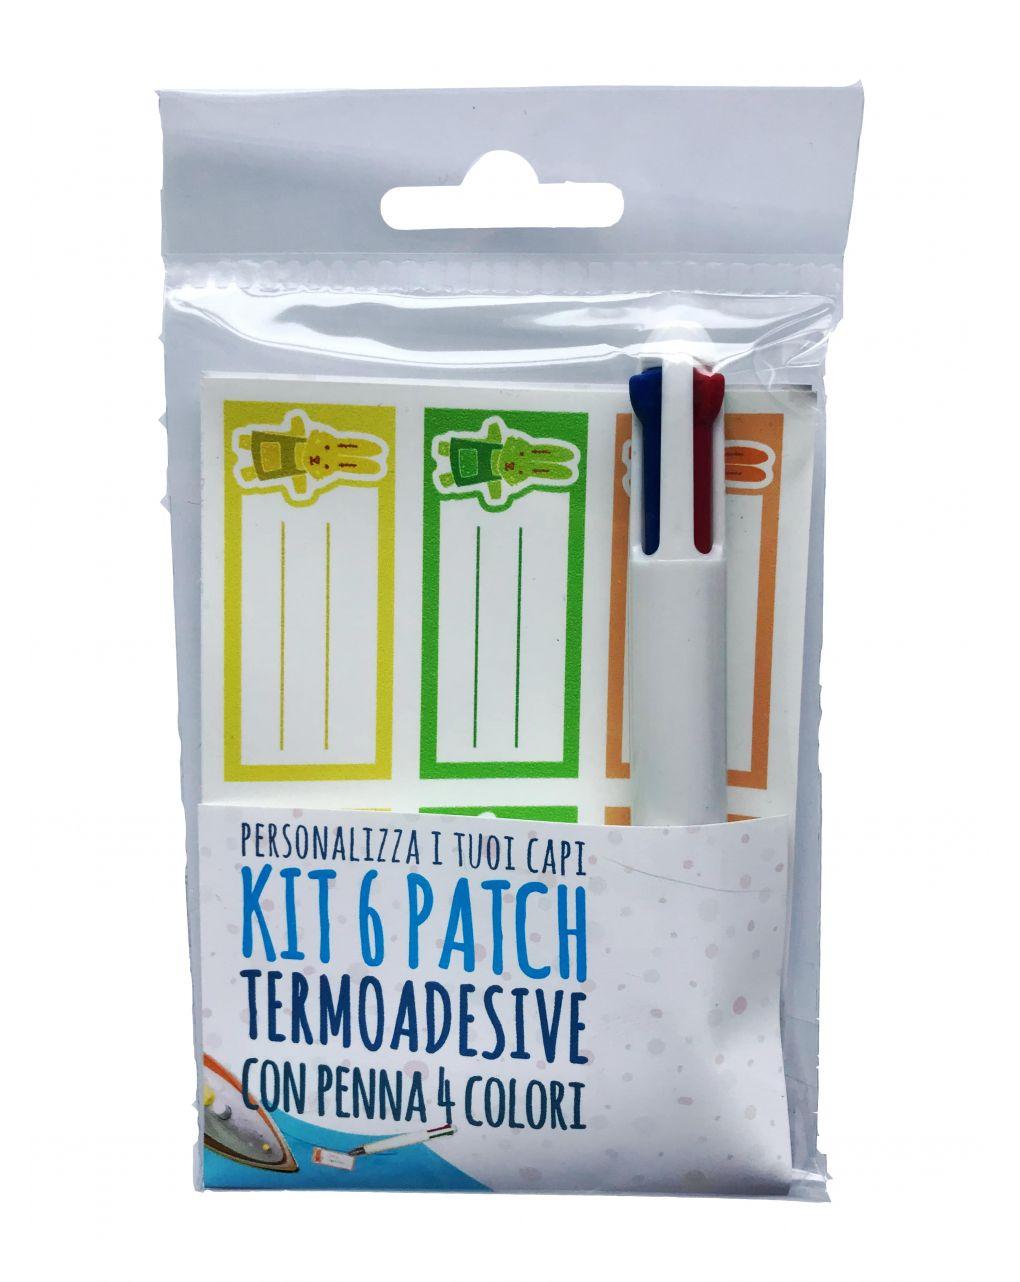 Kit etichette termoadesive marcabiancheria e penna 4 colori - AREA BUSINESS